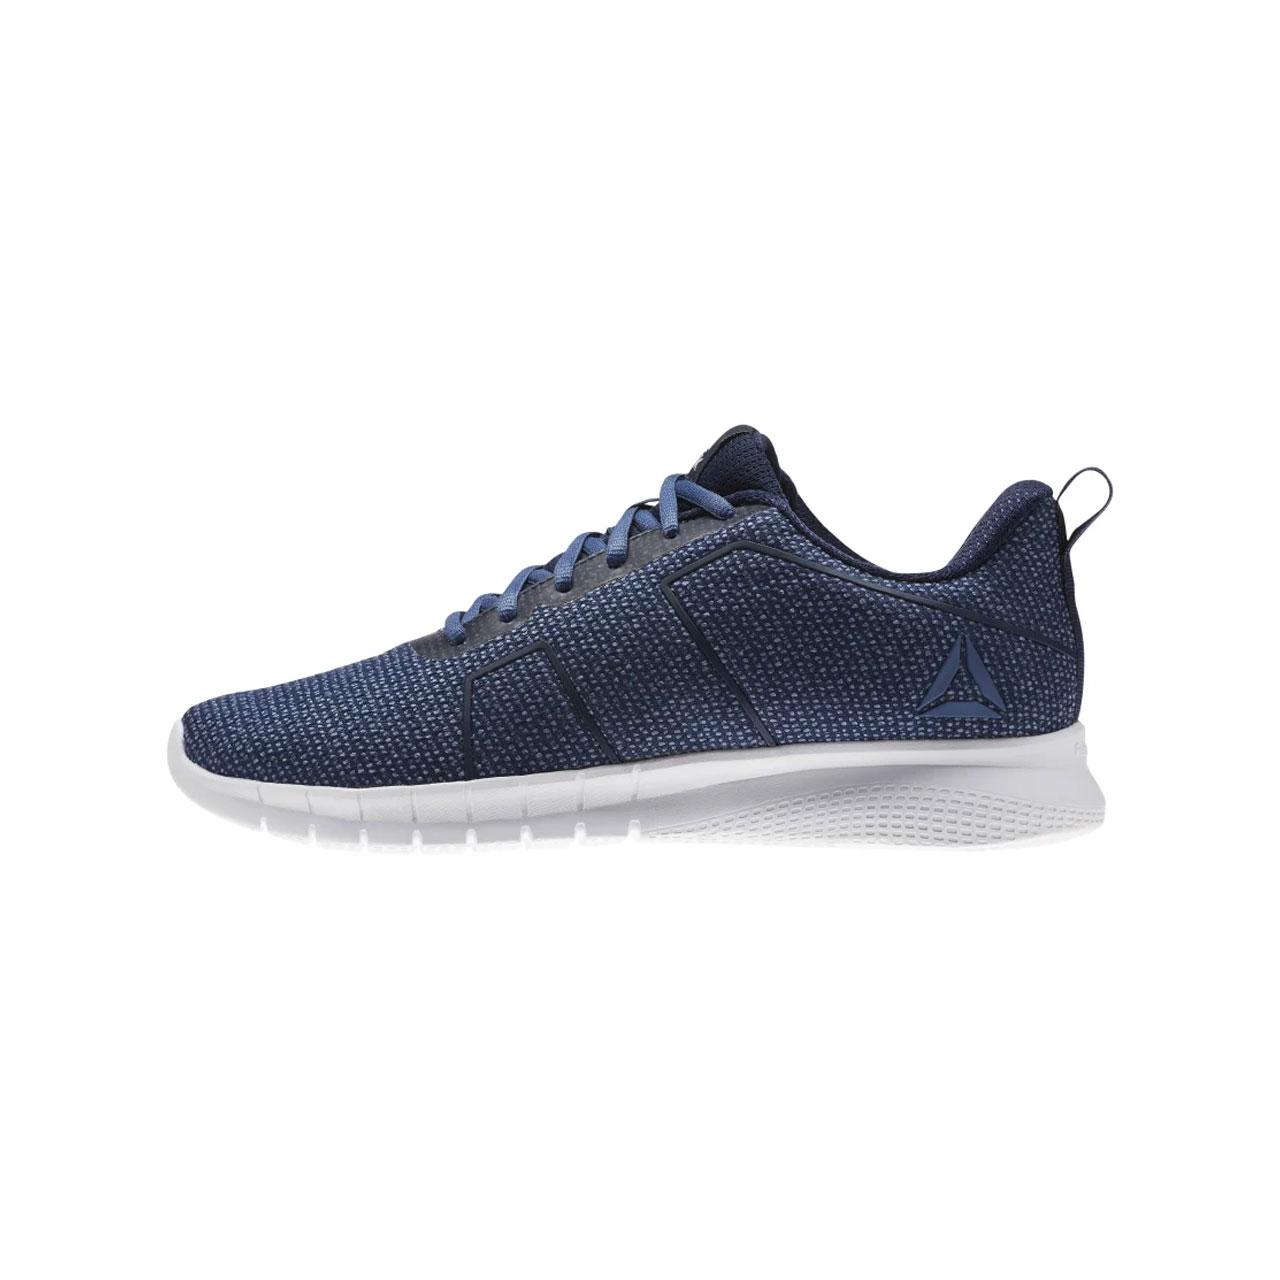 قیمت کفش مخصوص دویدن مردانه ریباک مدل Instalite Pro